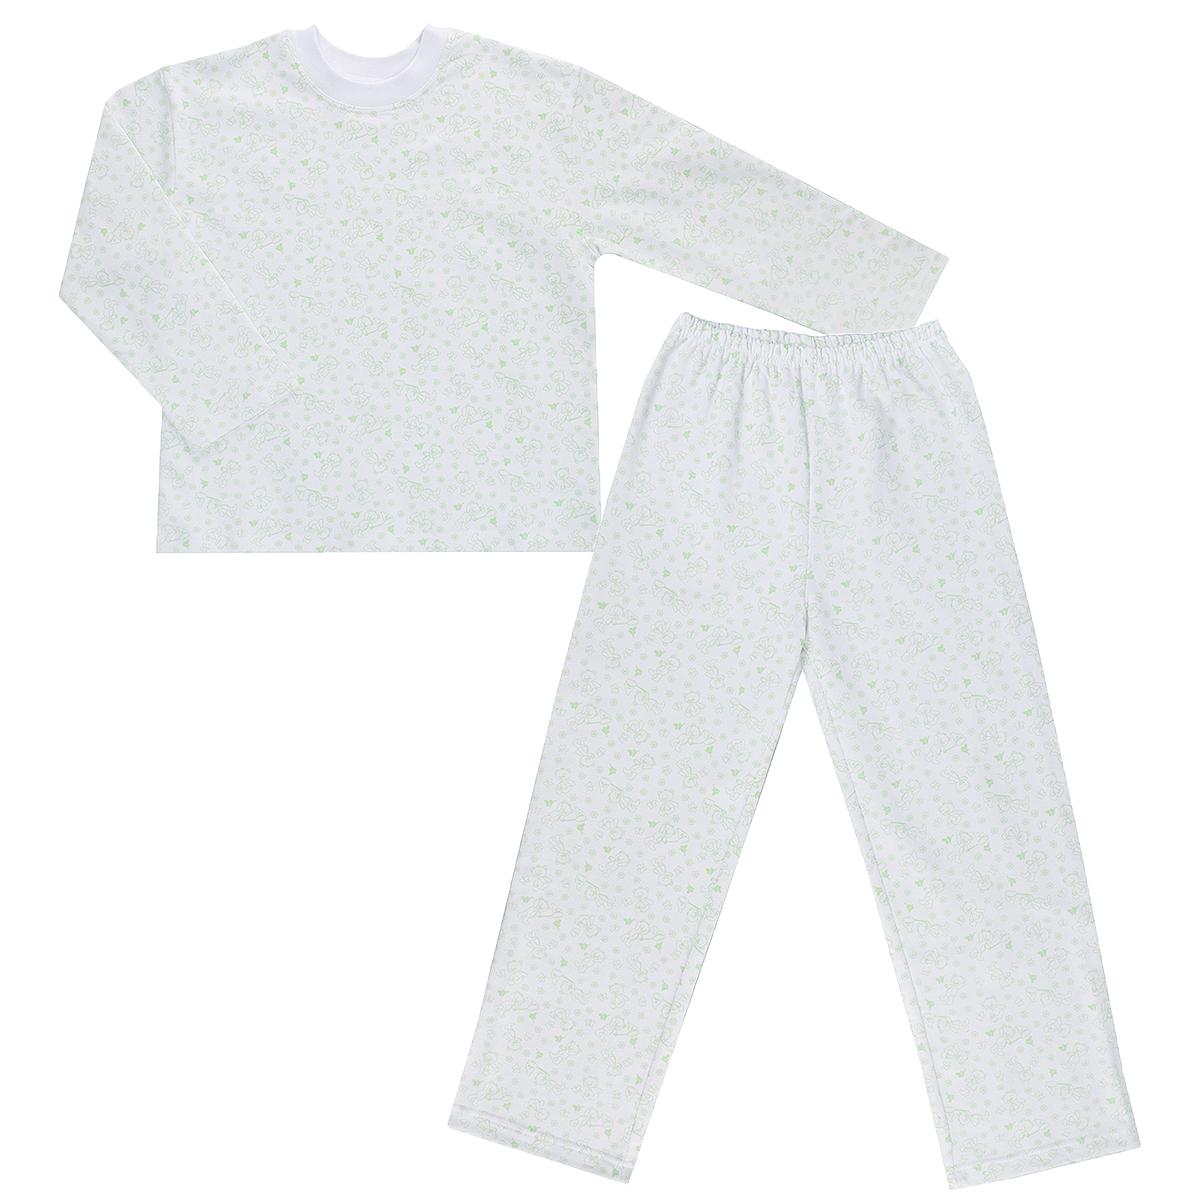 Пижама детская. 55535553Яркая детская пижама Трон-плюс, состоящая из кофточки и штанишек, идеально подойдет вашему малышу и станет отличным дополнением к детскому гардеробу. Теплая пижама, изготовленная из набивного футера - натурального хлопка, необычайно мягкая и легкая, не сковывает движения ребенка, позволяет коже дышать и не раздражает даже самую нежную и чувствительную кожу малыша. Кофта с длинными рукавами имеет круглый вырез горловины. Штанишки на удобной резинке не сдавливают животик ребенка и не сползают. В такой пижаме ваш ребенок будет чувствовать себя комфортно и уютно во время сна.